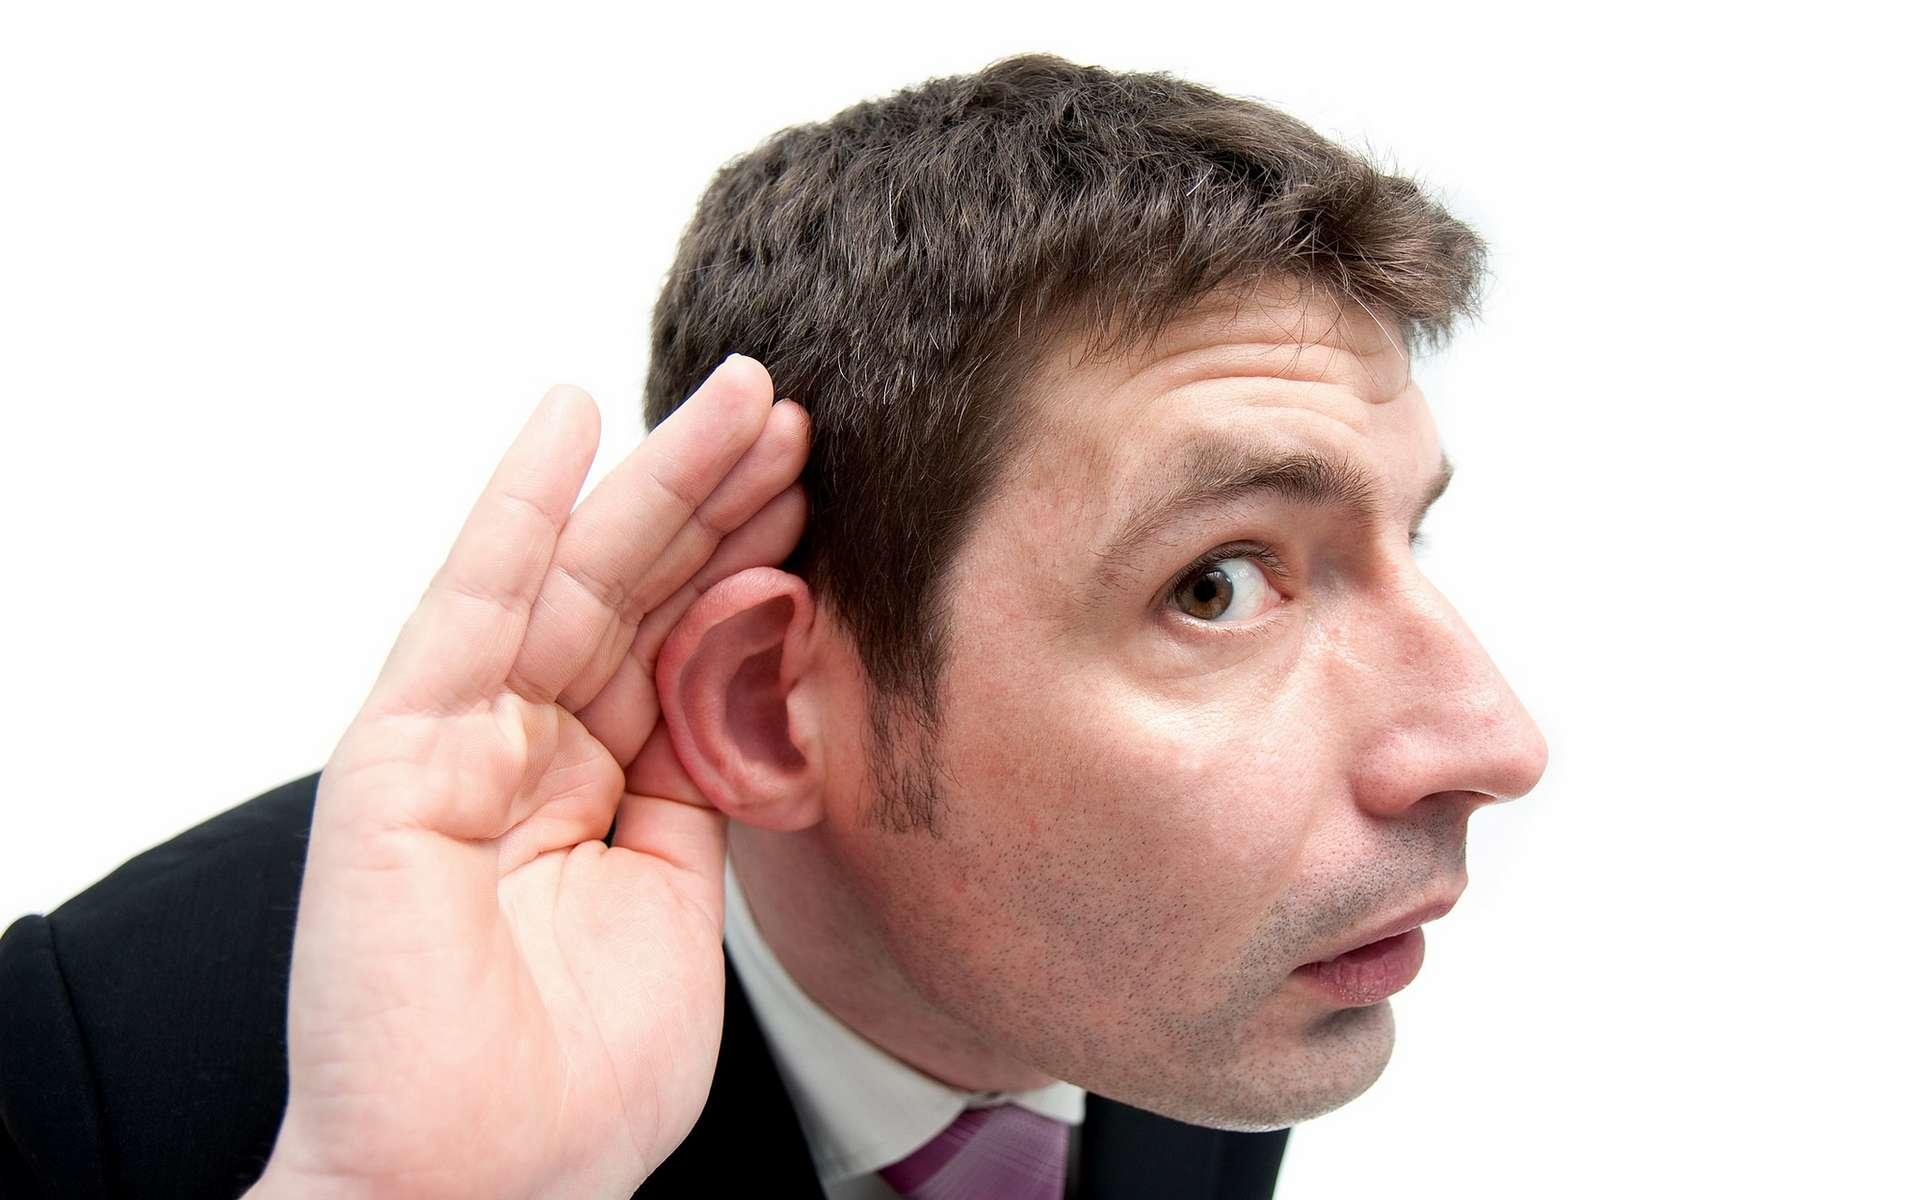 Le plus petit os du corps humain s'appelle l'étrier et se situe dans l'oreille interne. © Paul Townsend, Flickr, CC by-nd 2.0